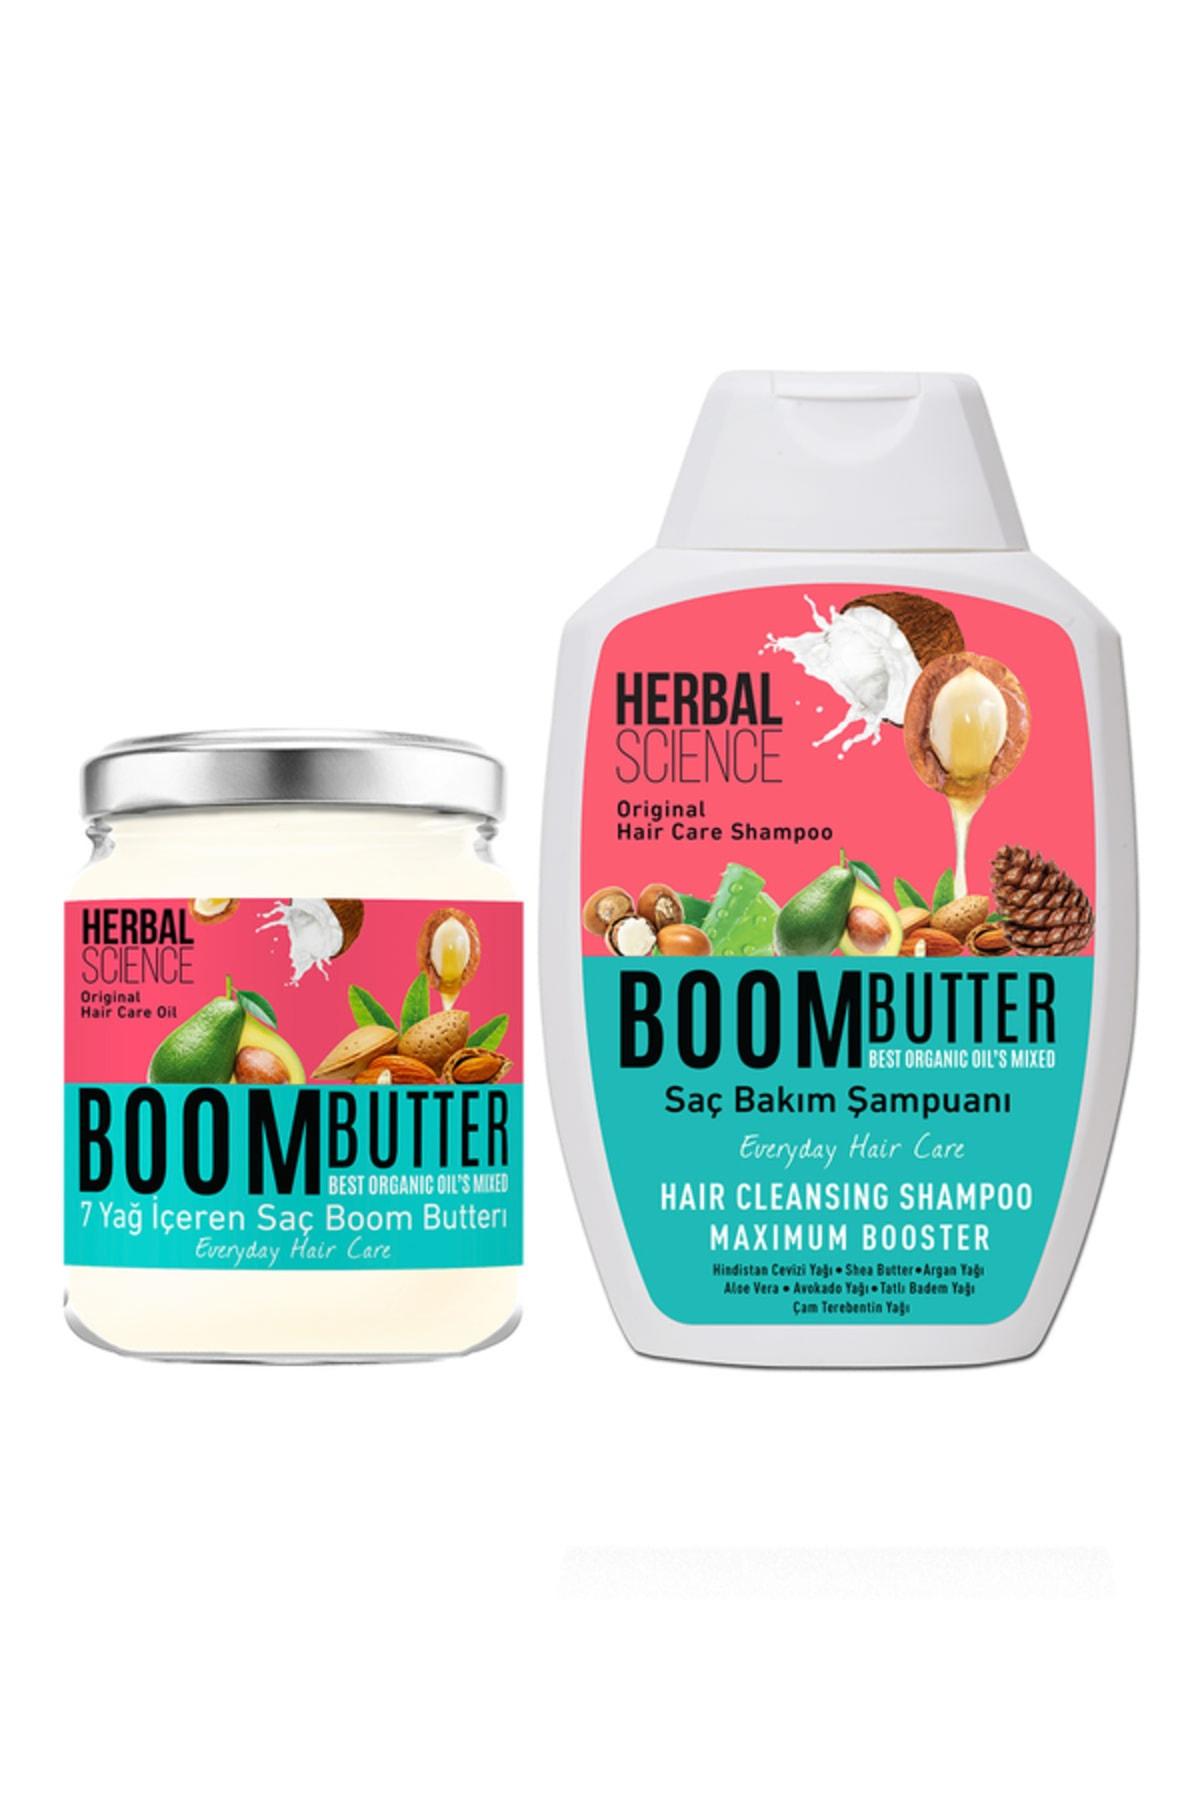 Herbal Science Boom Butter Saç Bakım Yağ ve Şampuan Paketi 8682427005466 0